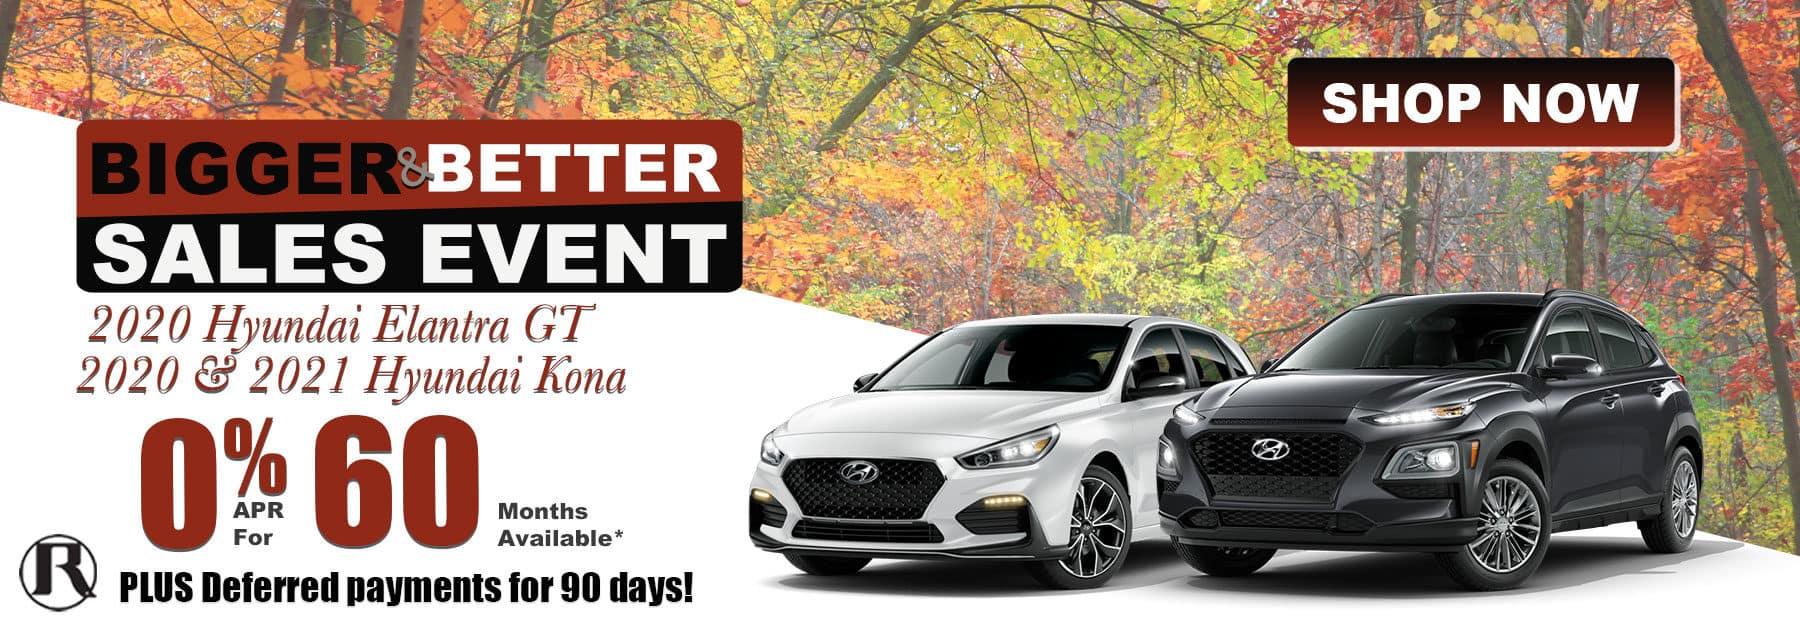 2020 Hyundai Elantra GT 2020 2021 Hyundai Kona